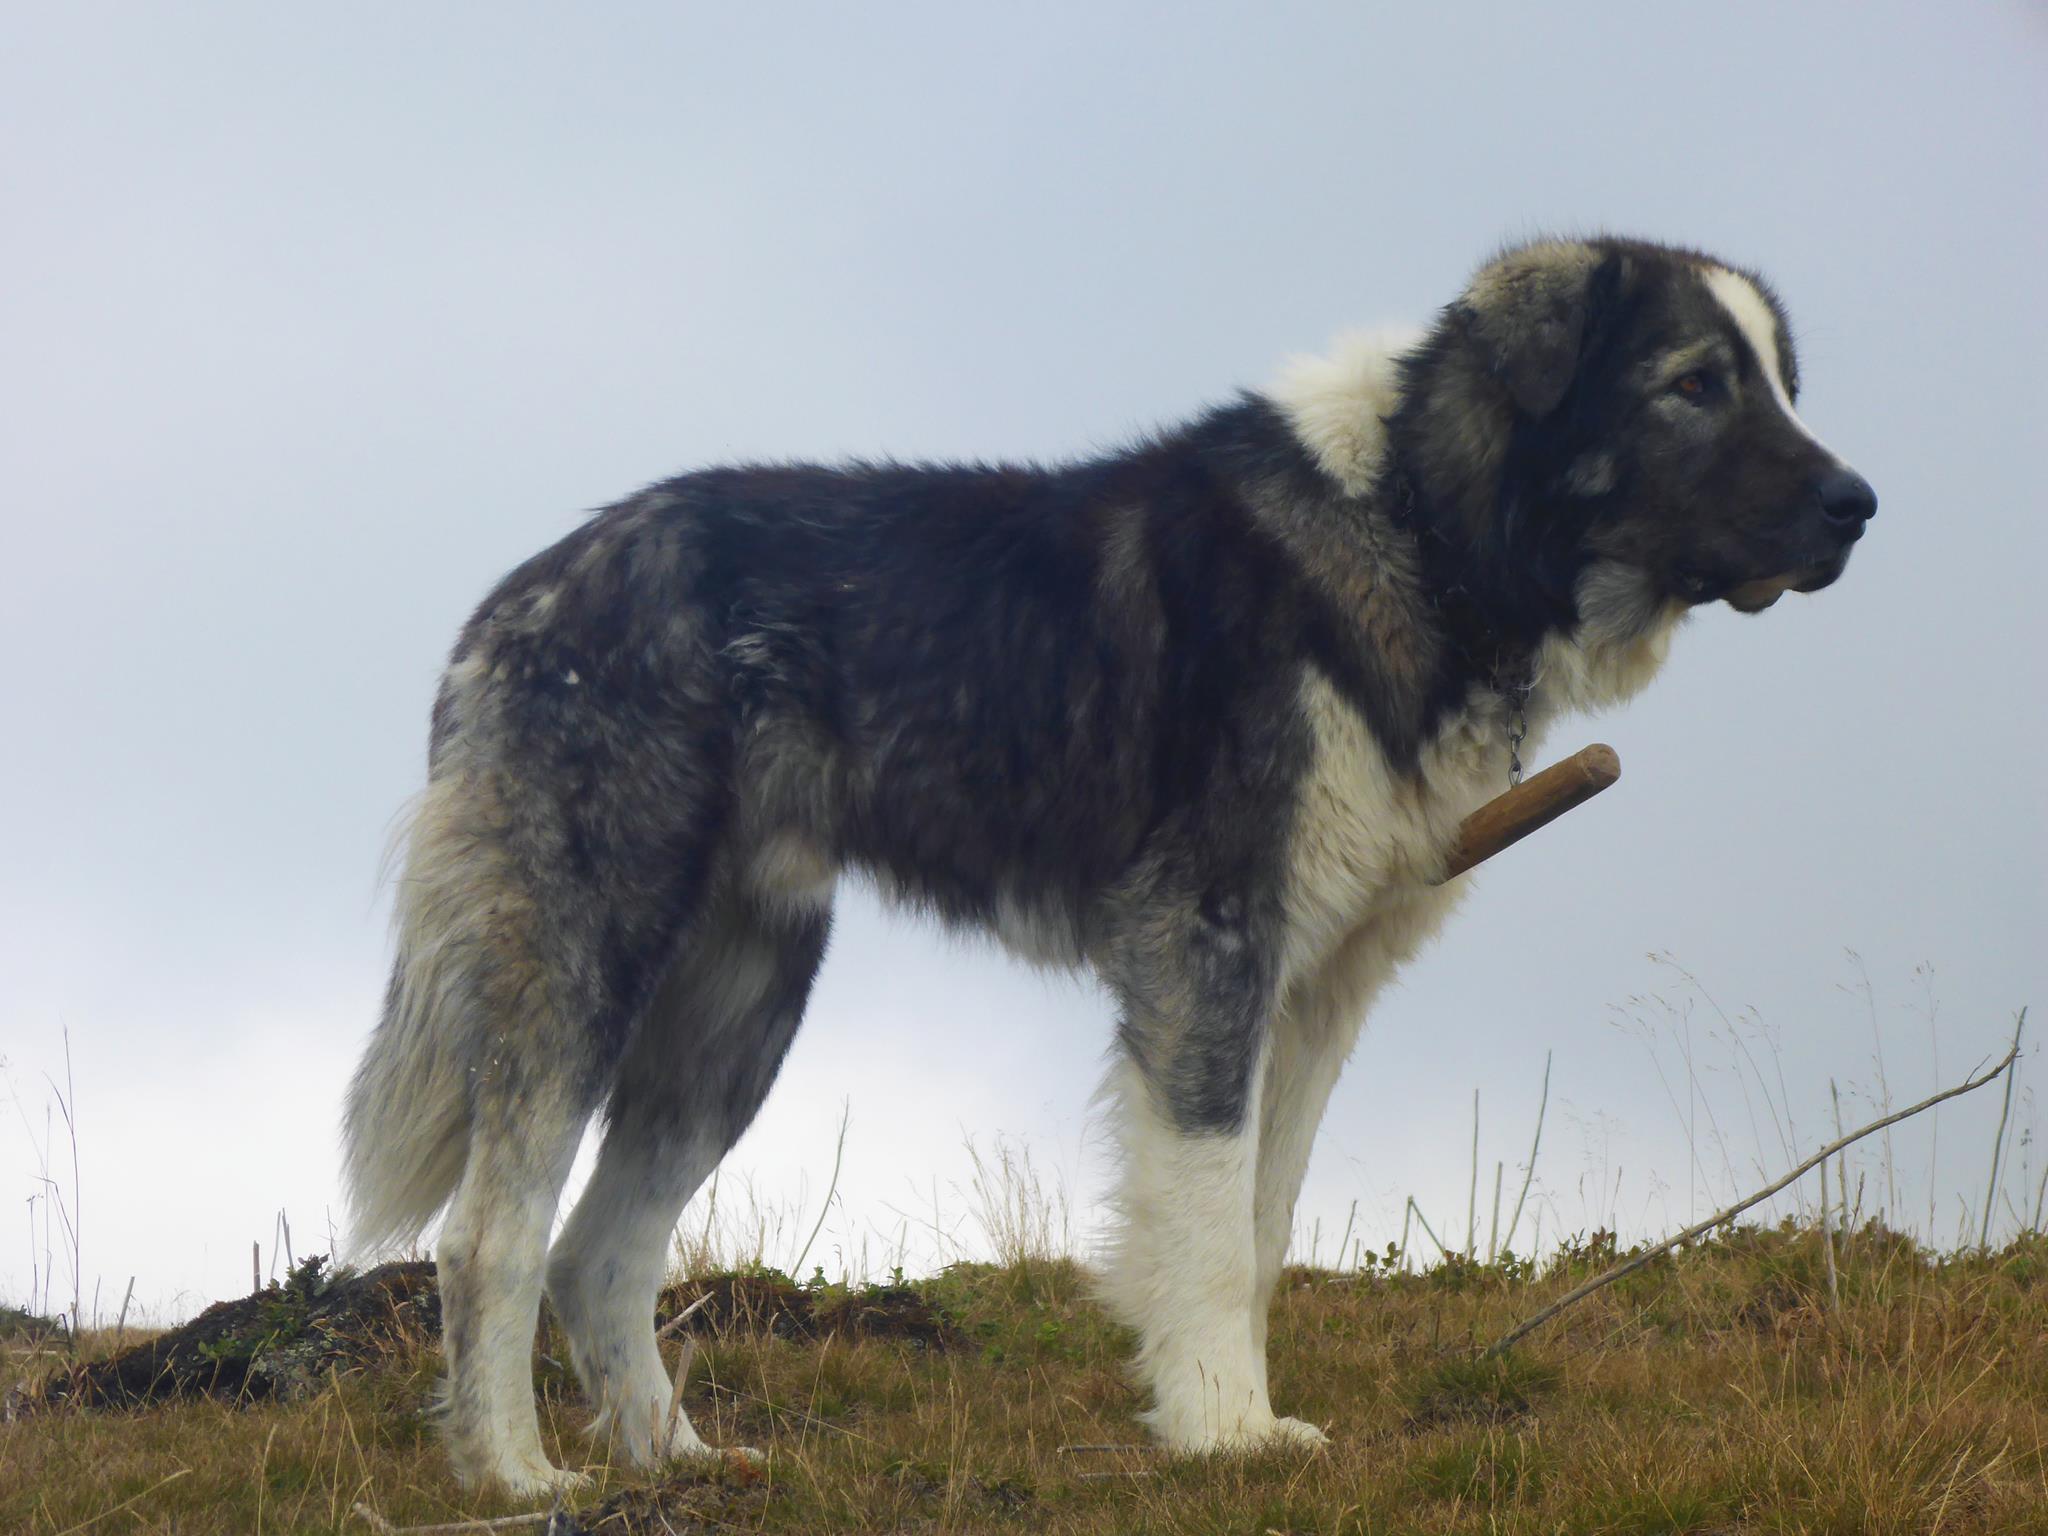 Un chien de berger. Le bâton à leur collier a comme utilité de les empêcher de courir